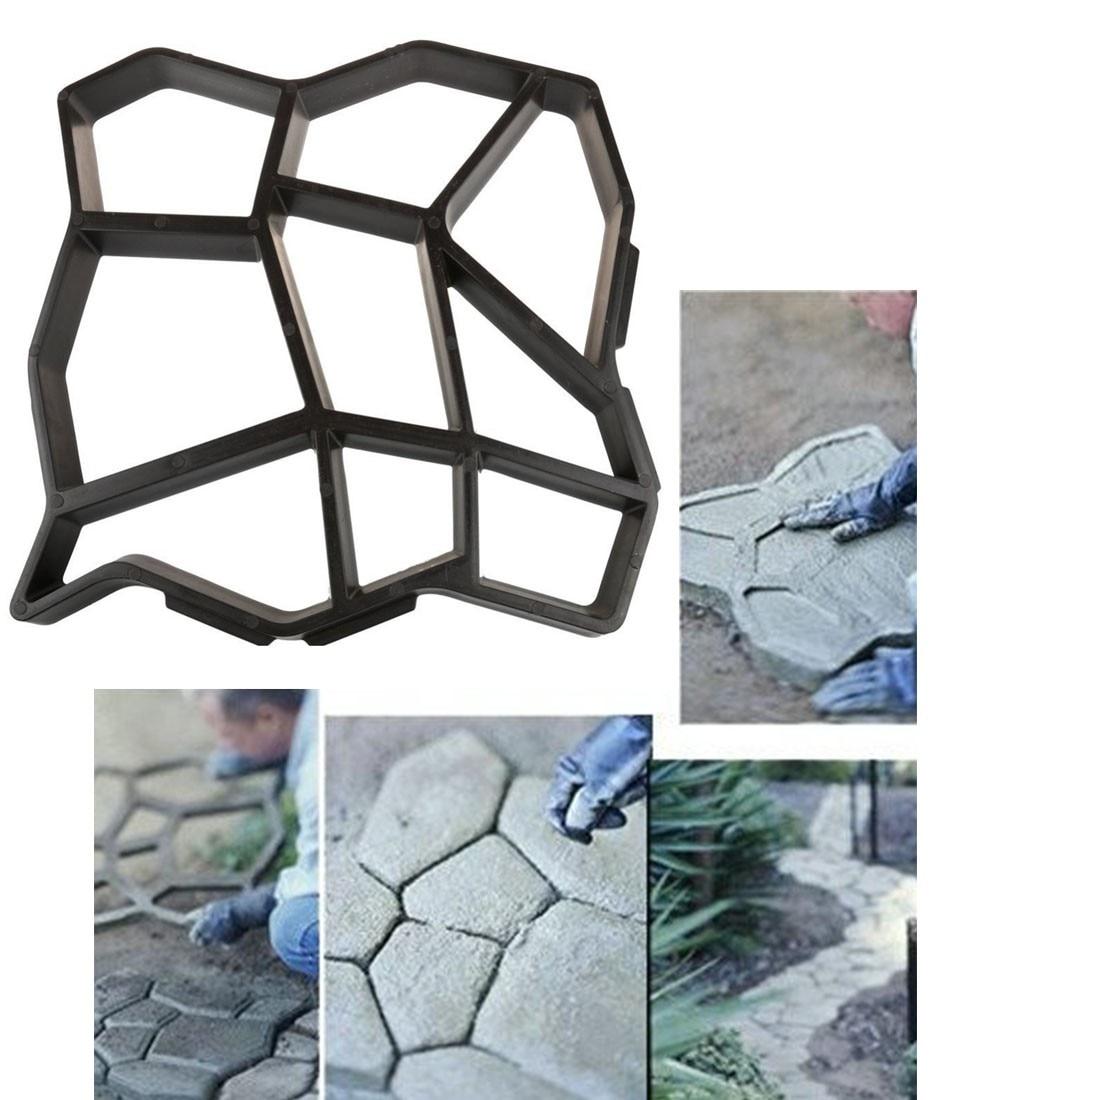 1 Pcs BRICOLAGE En Plastique Chemin Maker Moule Manuellement Pavage/Ciment Brique Moules La Pierre Route Auxiliaire Outils Pour Jardin décor